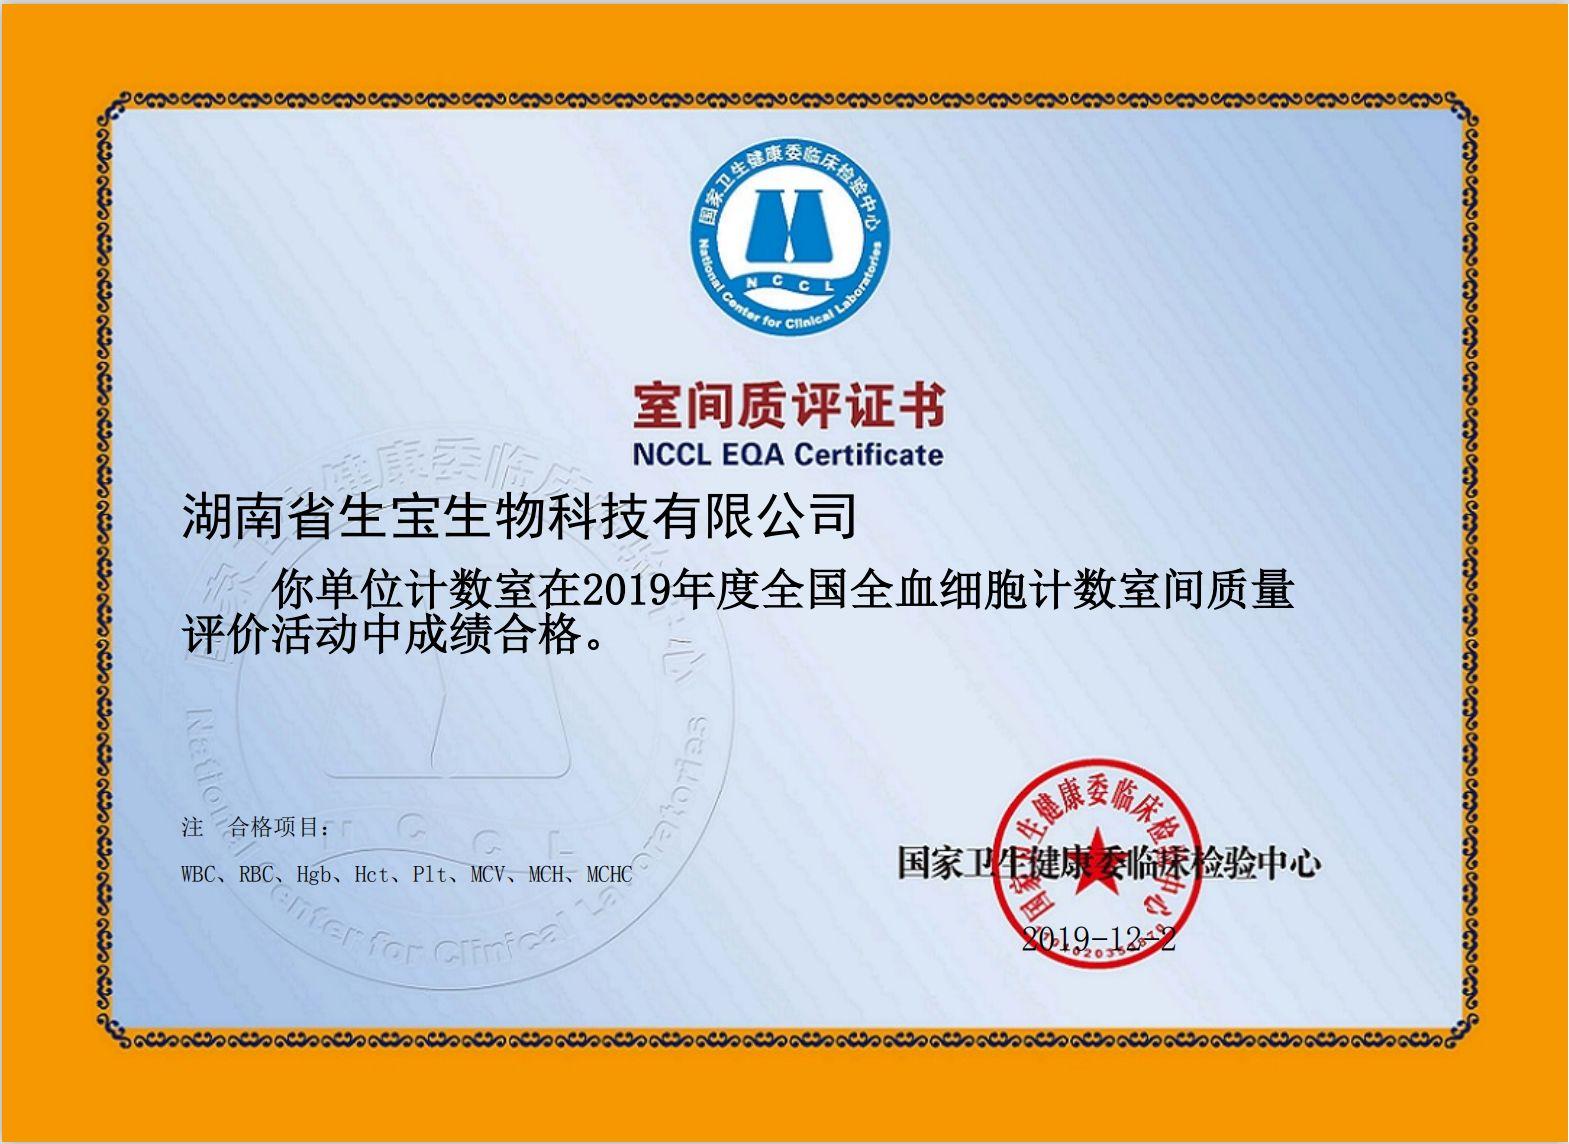 2019年获得室间质评证书